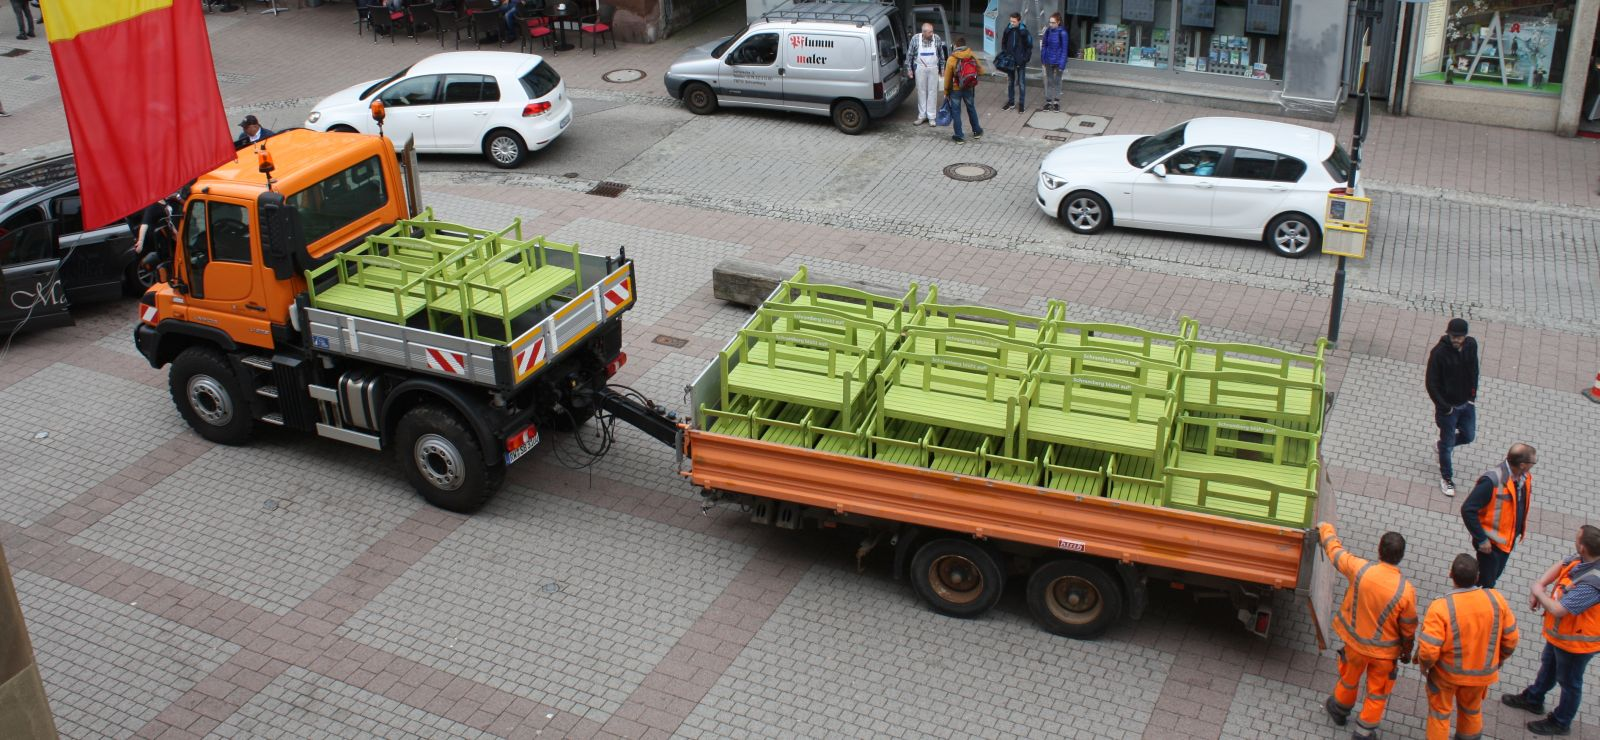 Im April 2018 brachten die Bauhofmitarbeiter die grün gestrichenen Bänke in die Stadt und die Geschäftsleute holten sie ab. Archivfoto: pm